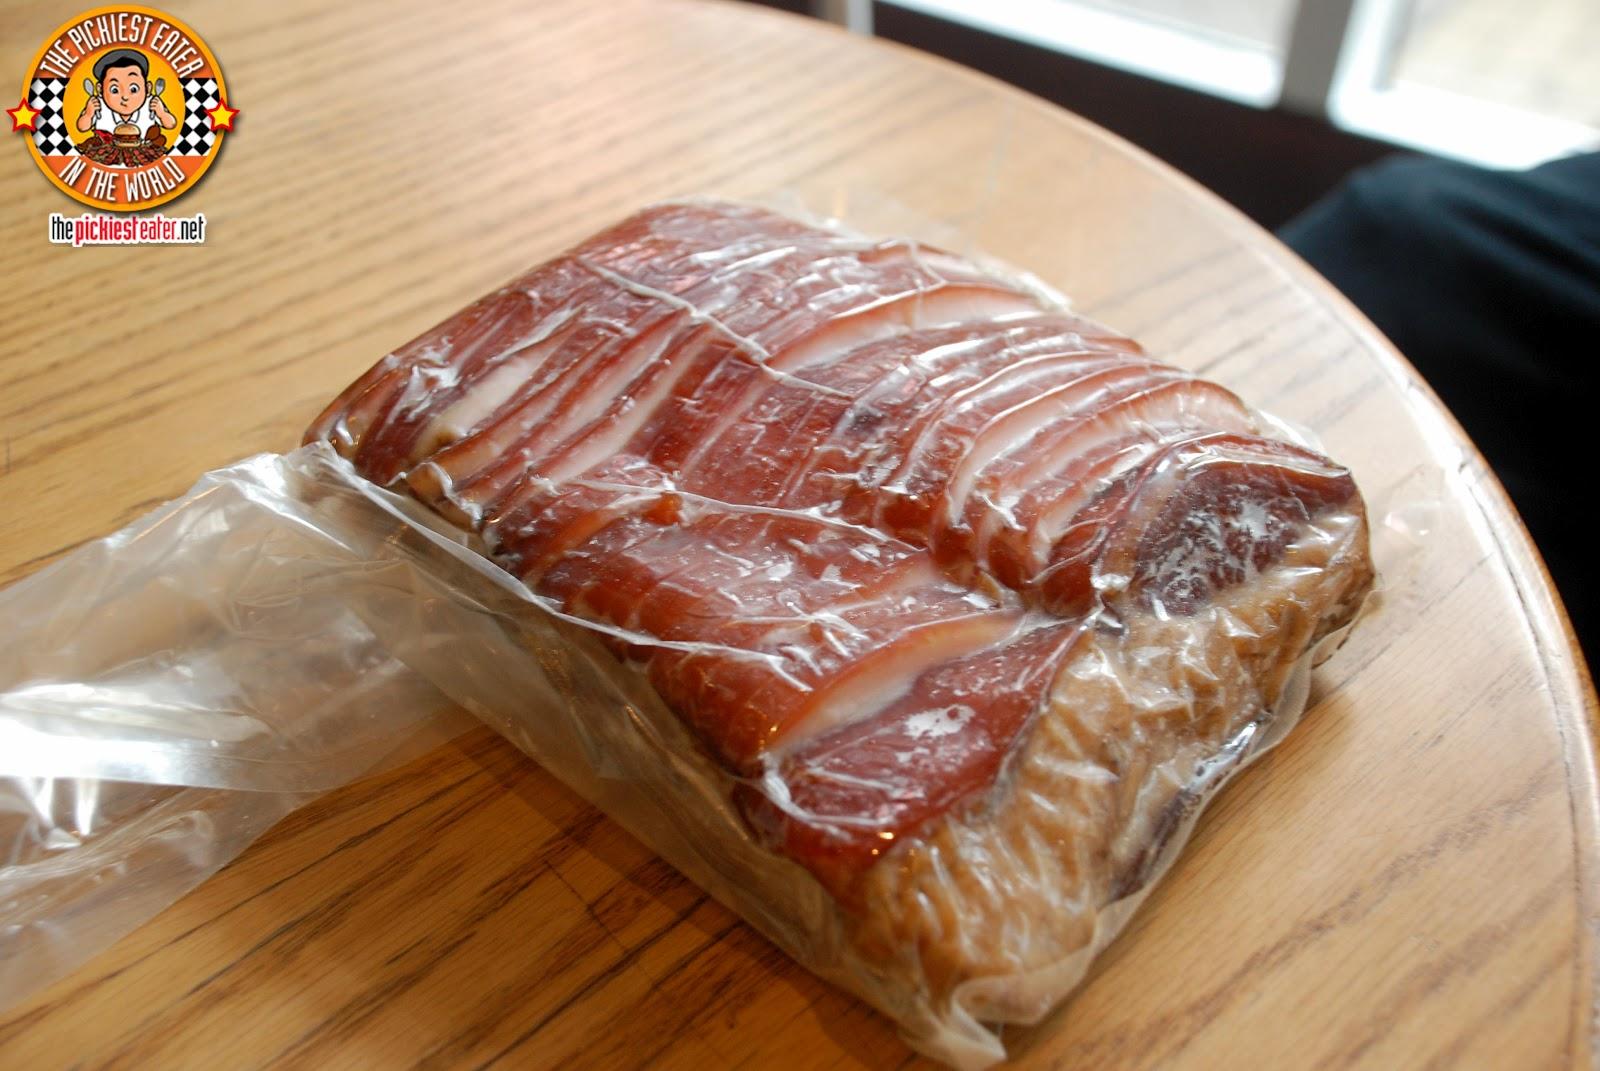 http://1.bp.blogspot.com/-6c0LI9RxWMY/T6I1-MrDItI/AAAAAAAAKxA/LPpjRvHZuZI/s1600/Mad.Meats21.jpg